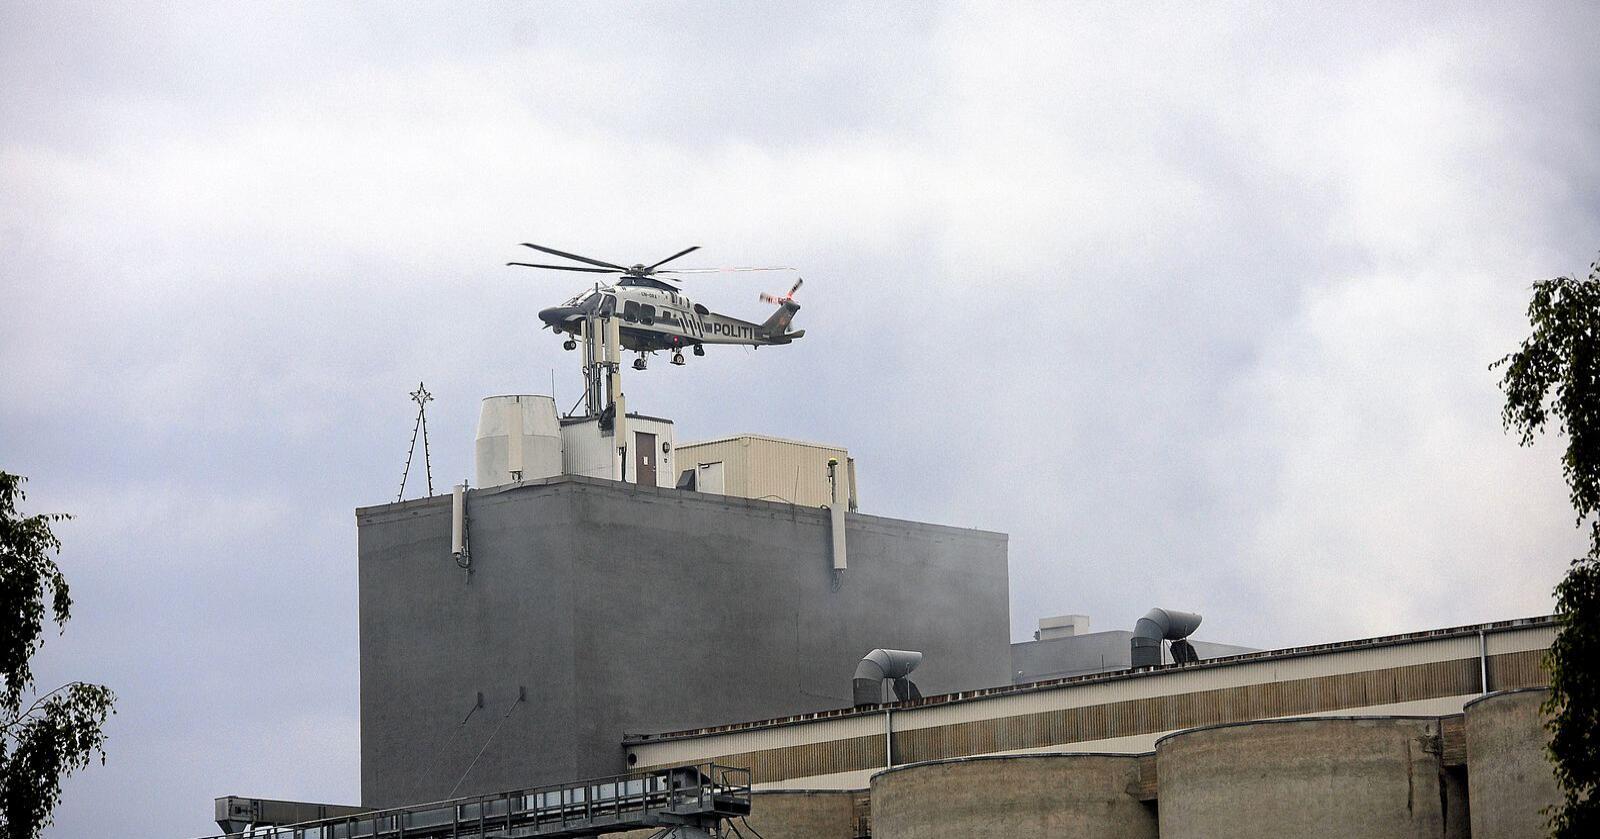 Politihelikopter over siloanlegget på Lena i Østre Toten. Foto: Jon Olav Andersen/Totens Blad / NTB scanpix